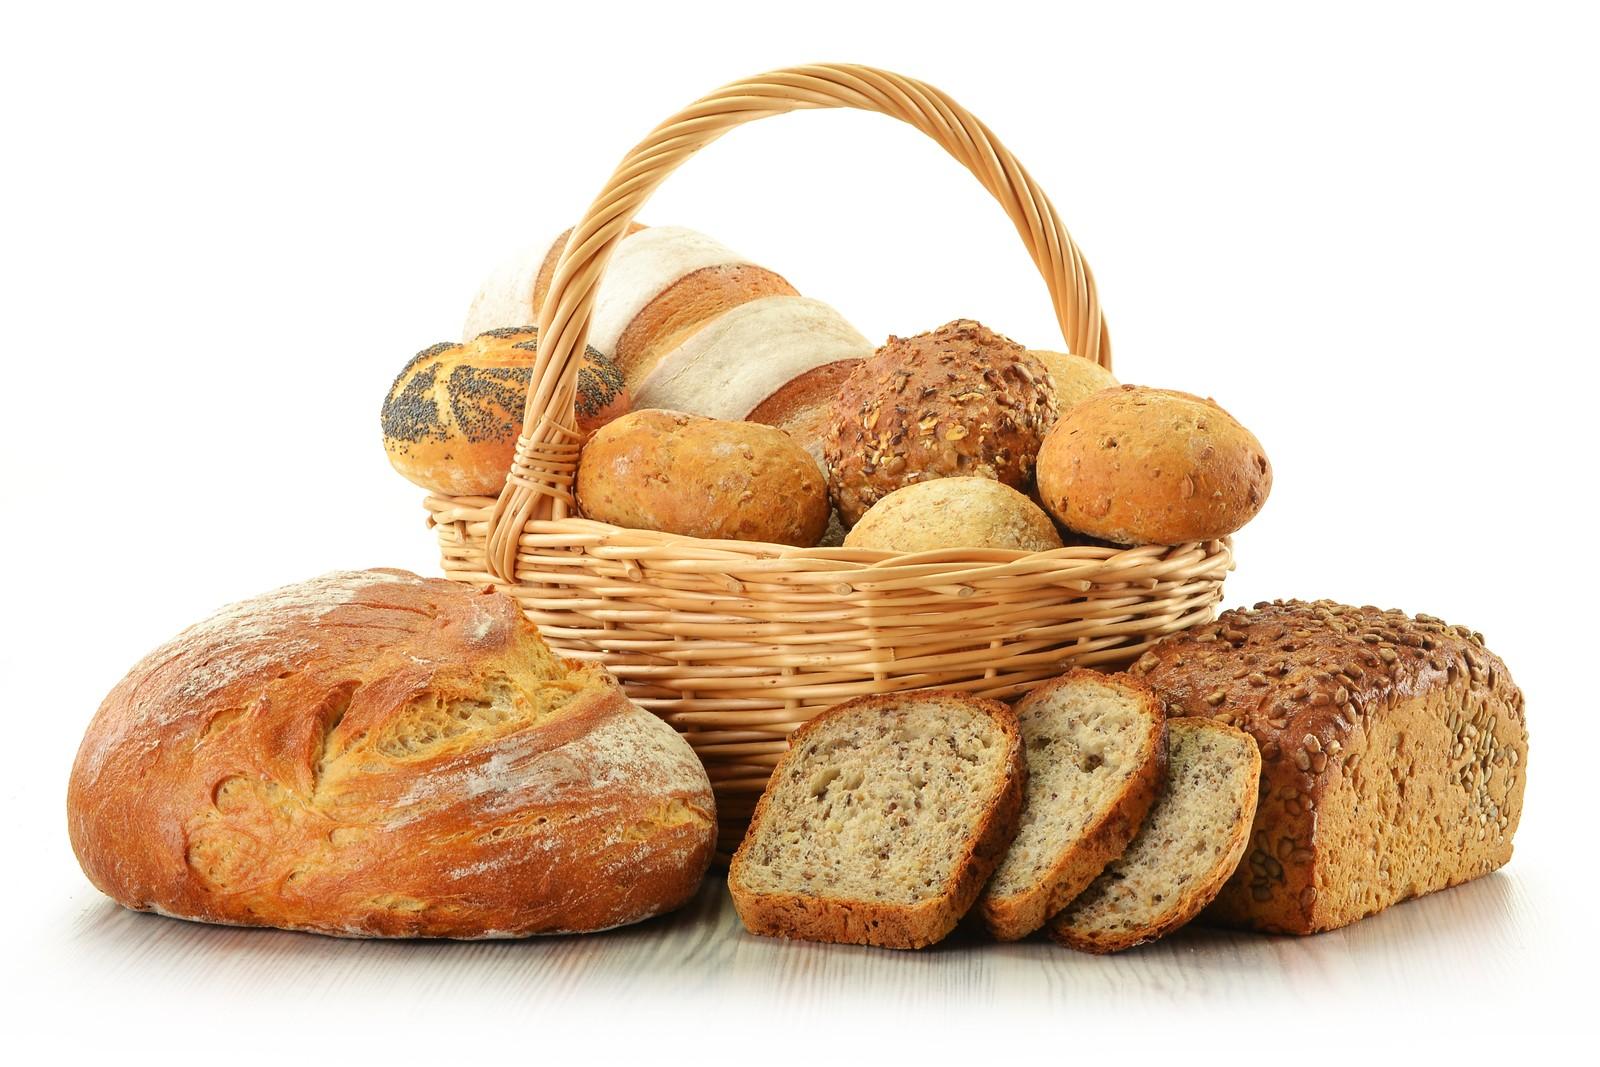 Купити хліб, хлібці, булочки, лаваш. Доставка хліба